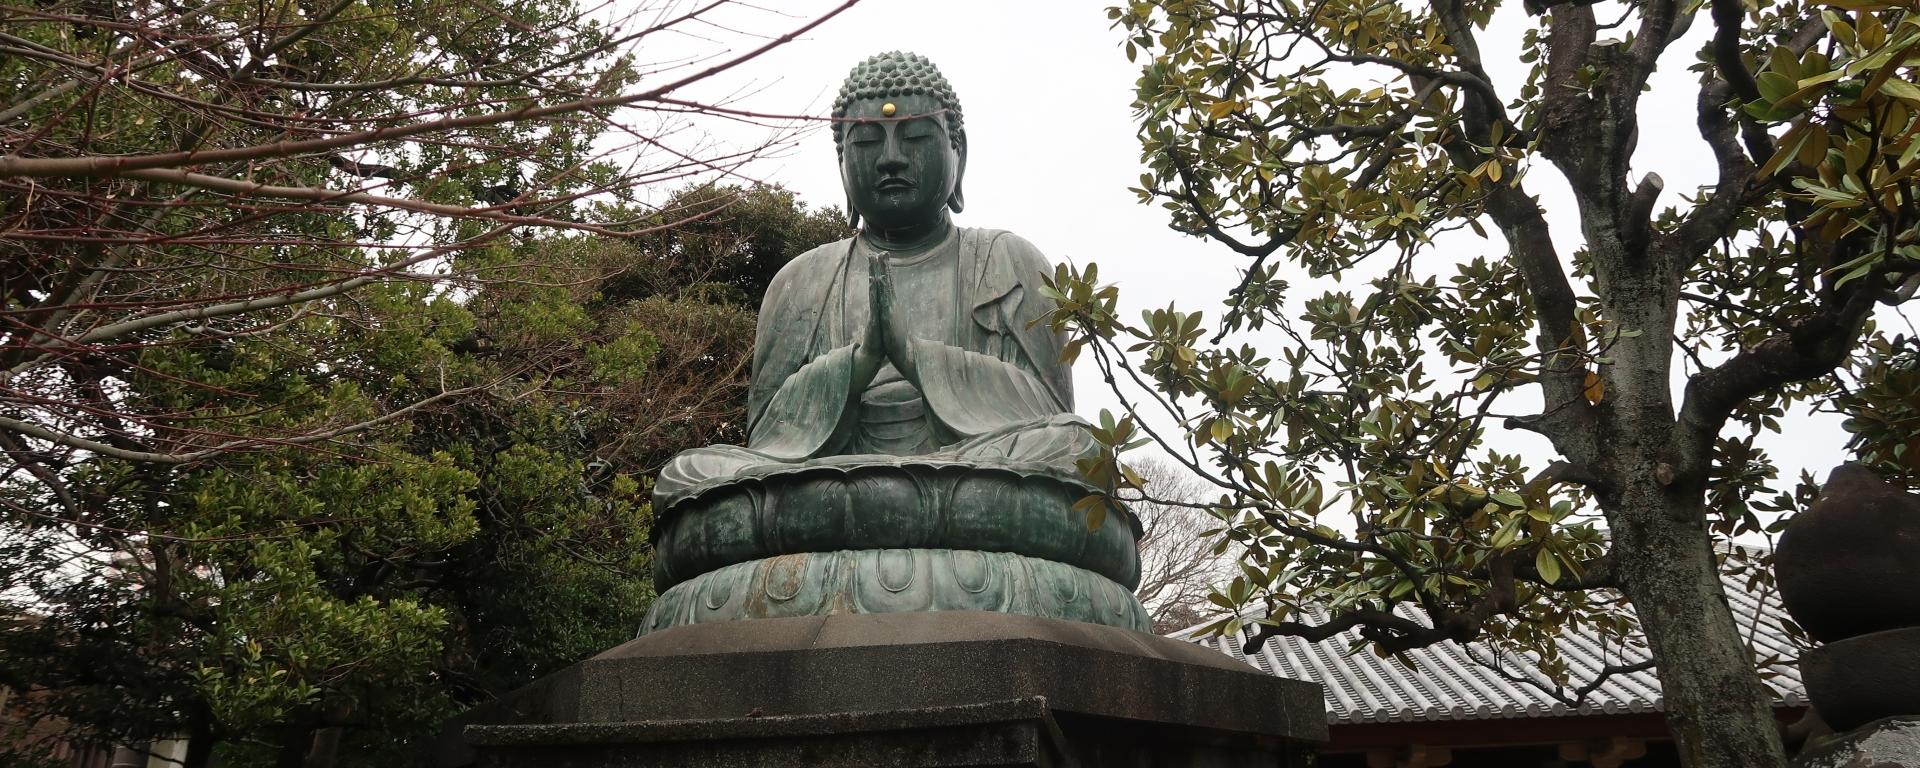 Statue of Great Buddha, Amithaba Buddha